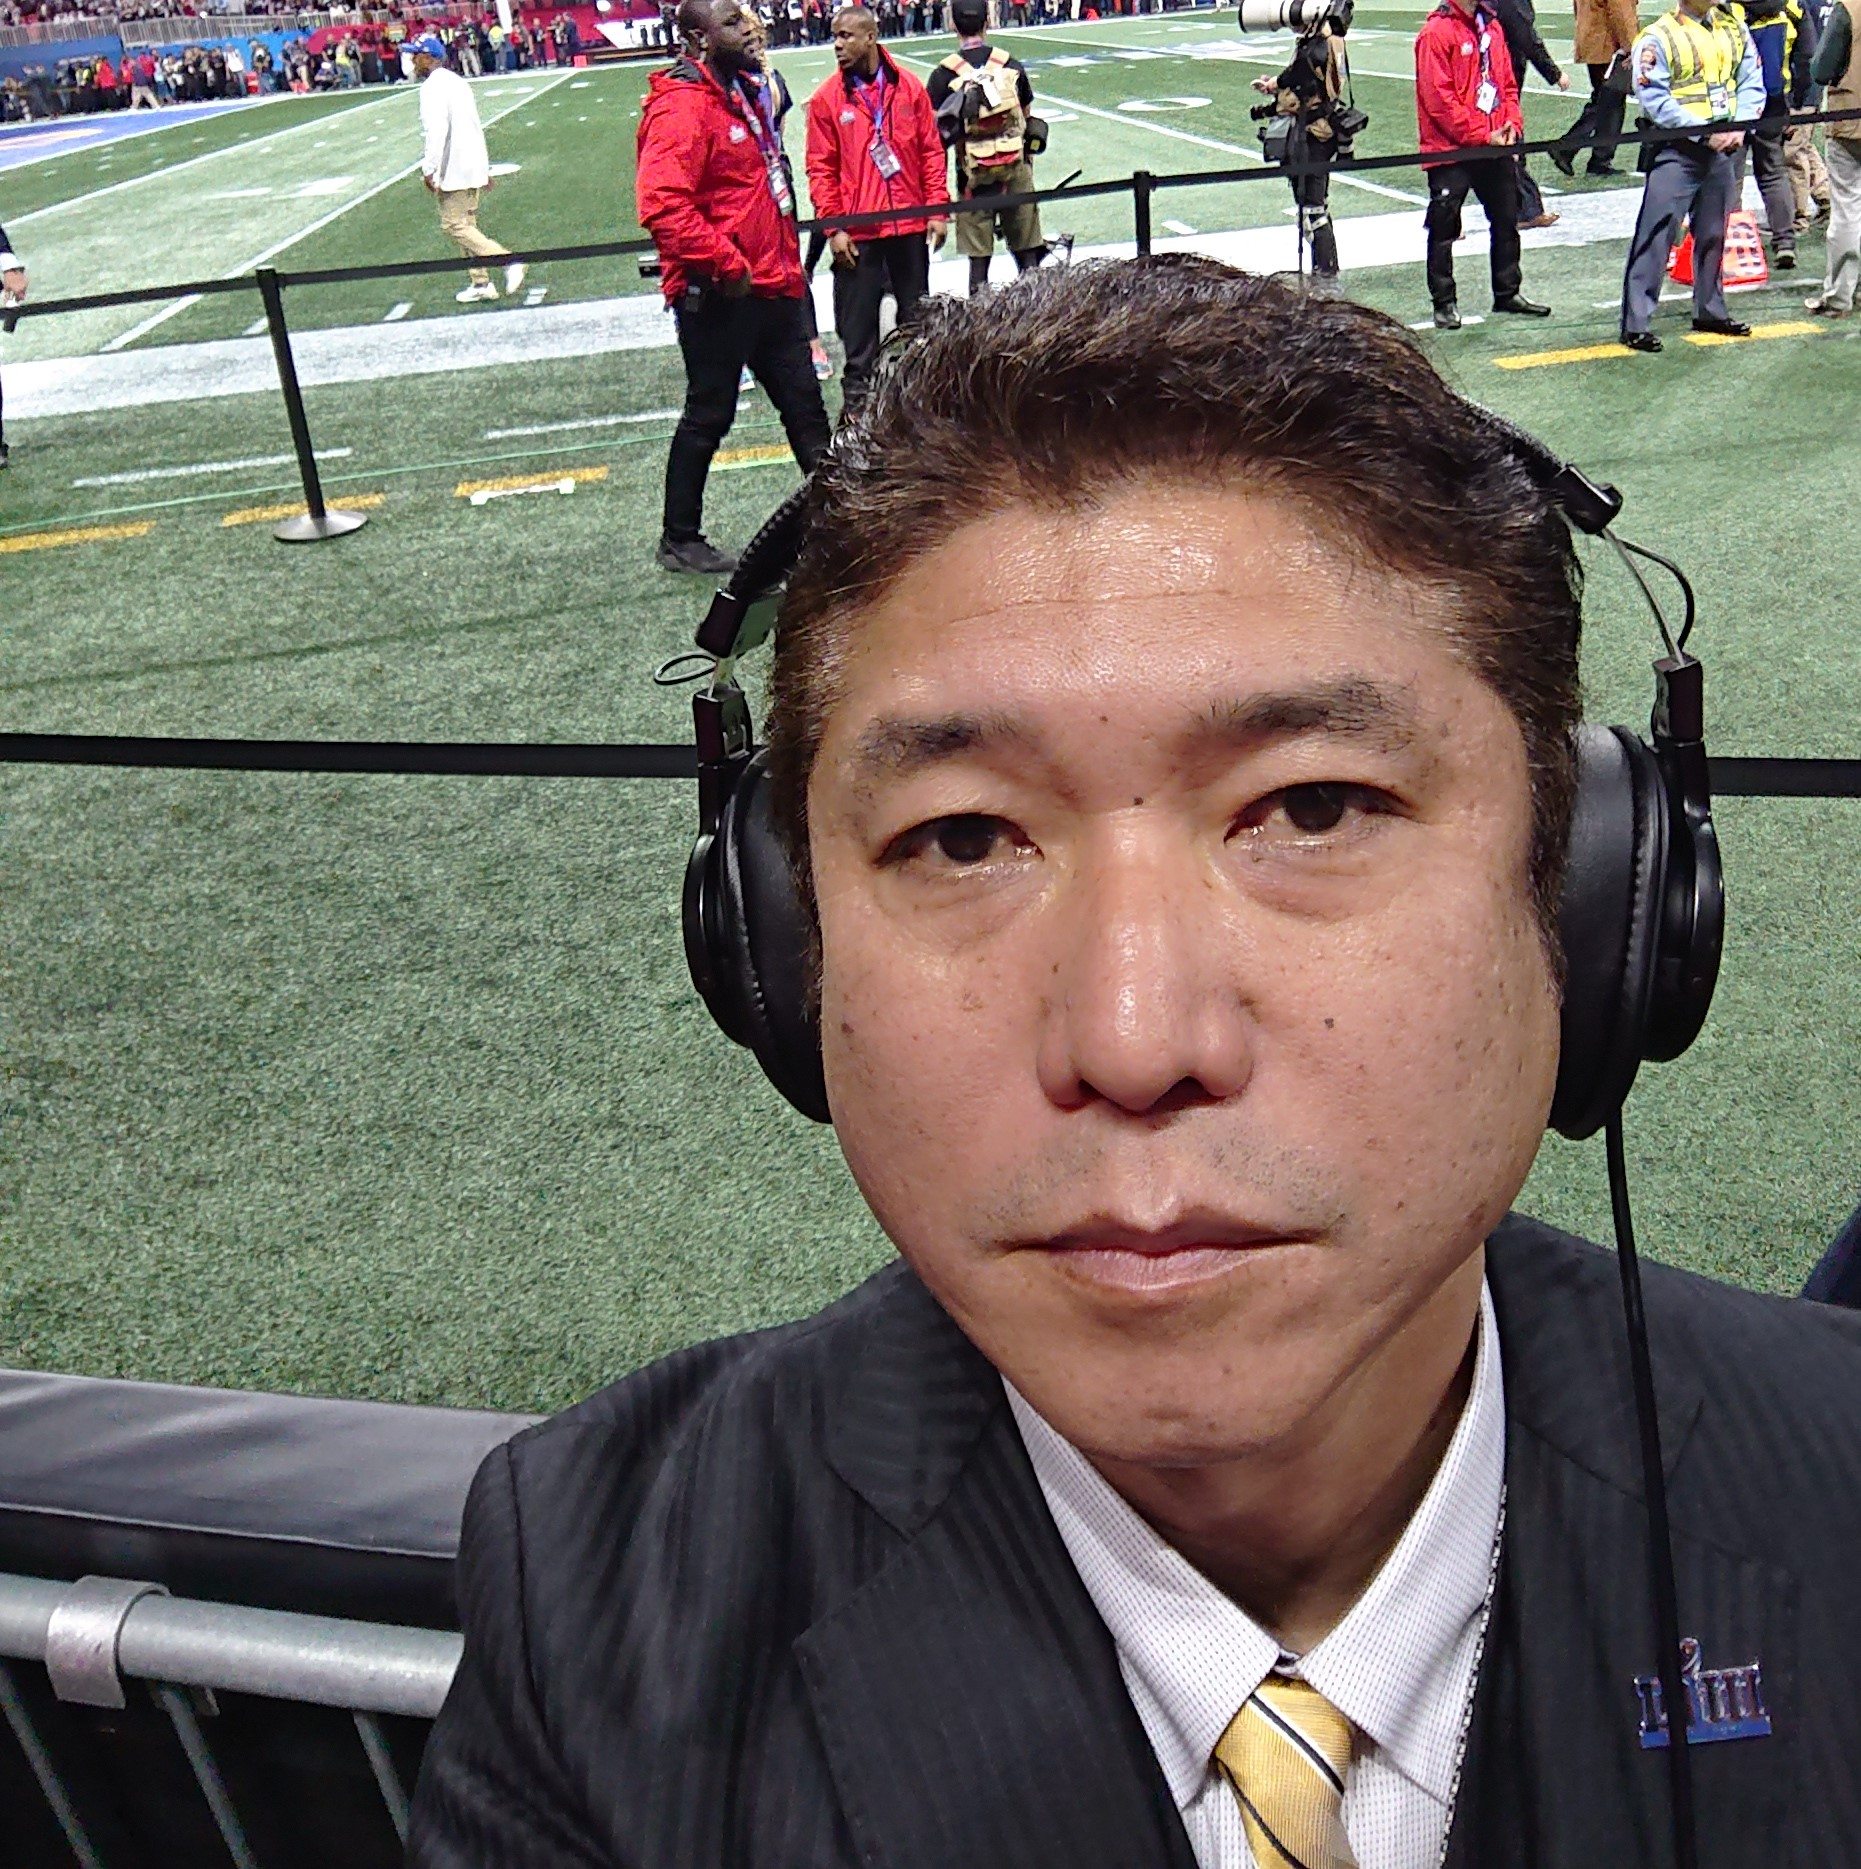 第53回スーパーボウルで、NHK―BSのフィールド解説者を務めた生沢浩さん